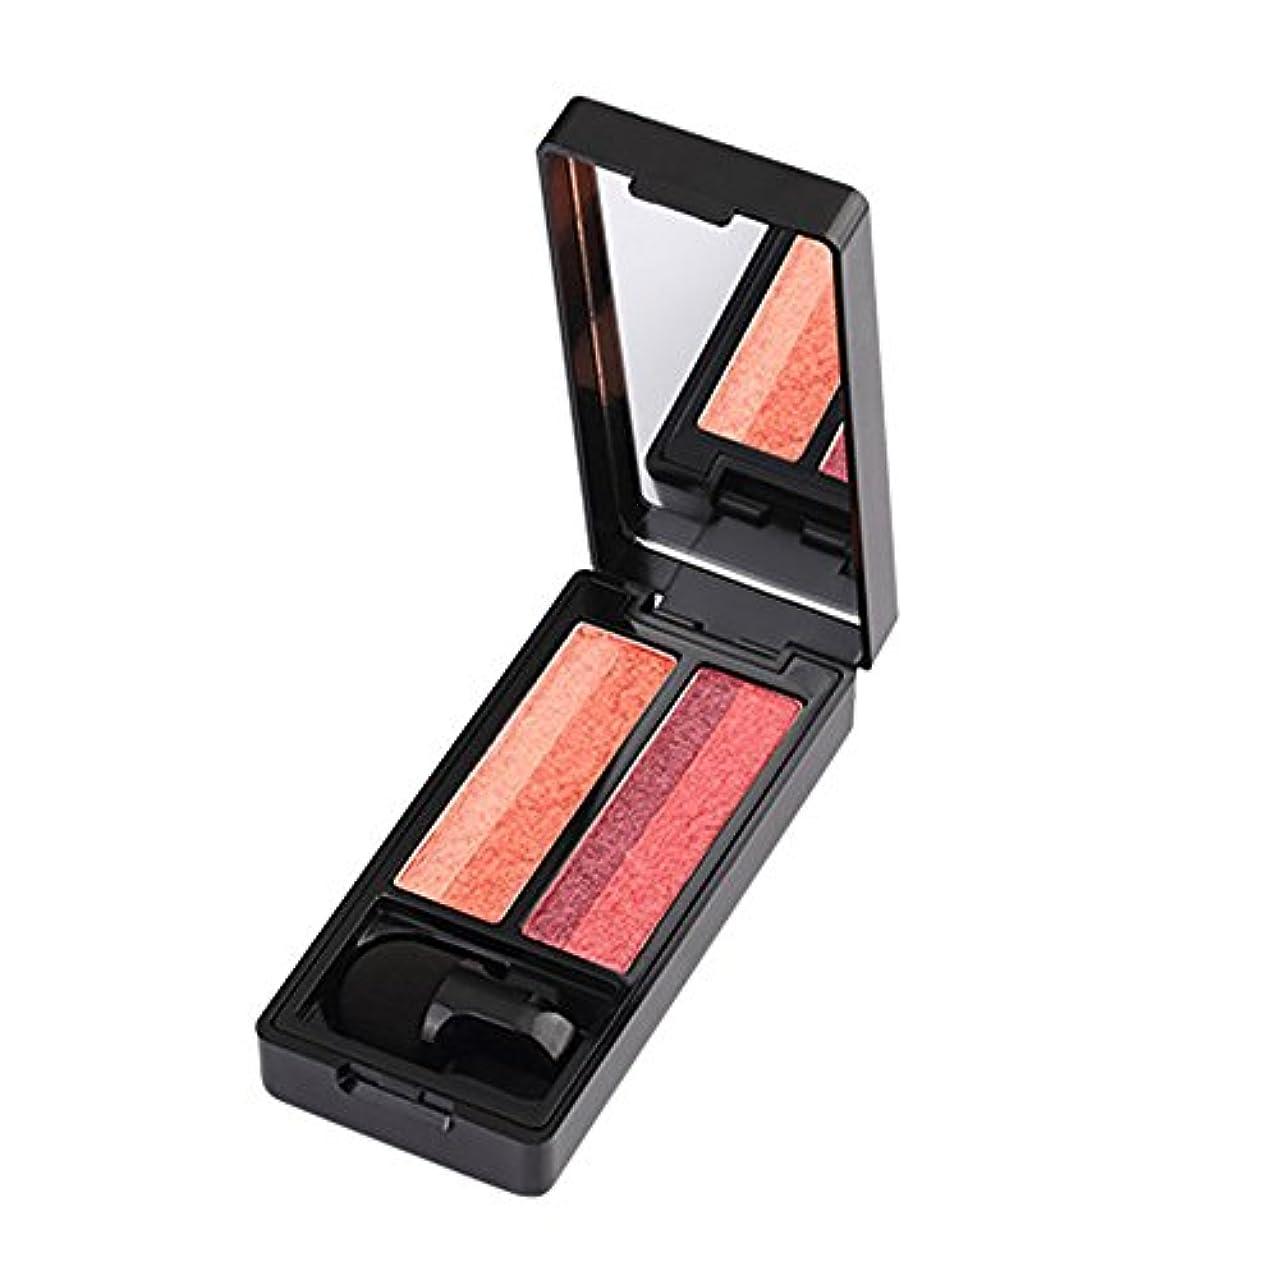 ホールドオール優越インフルエンザAkane アイシャドウパレット UBUB 人気 ファッション 綺麗 高級 グラデーション つや消し 完璧な マット 持ち便利 Eye Shadow (2色)